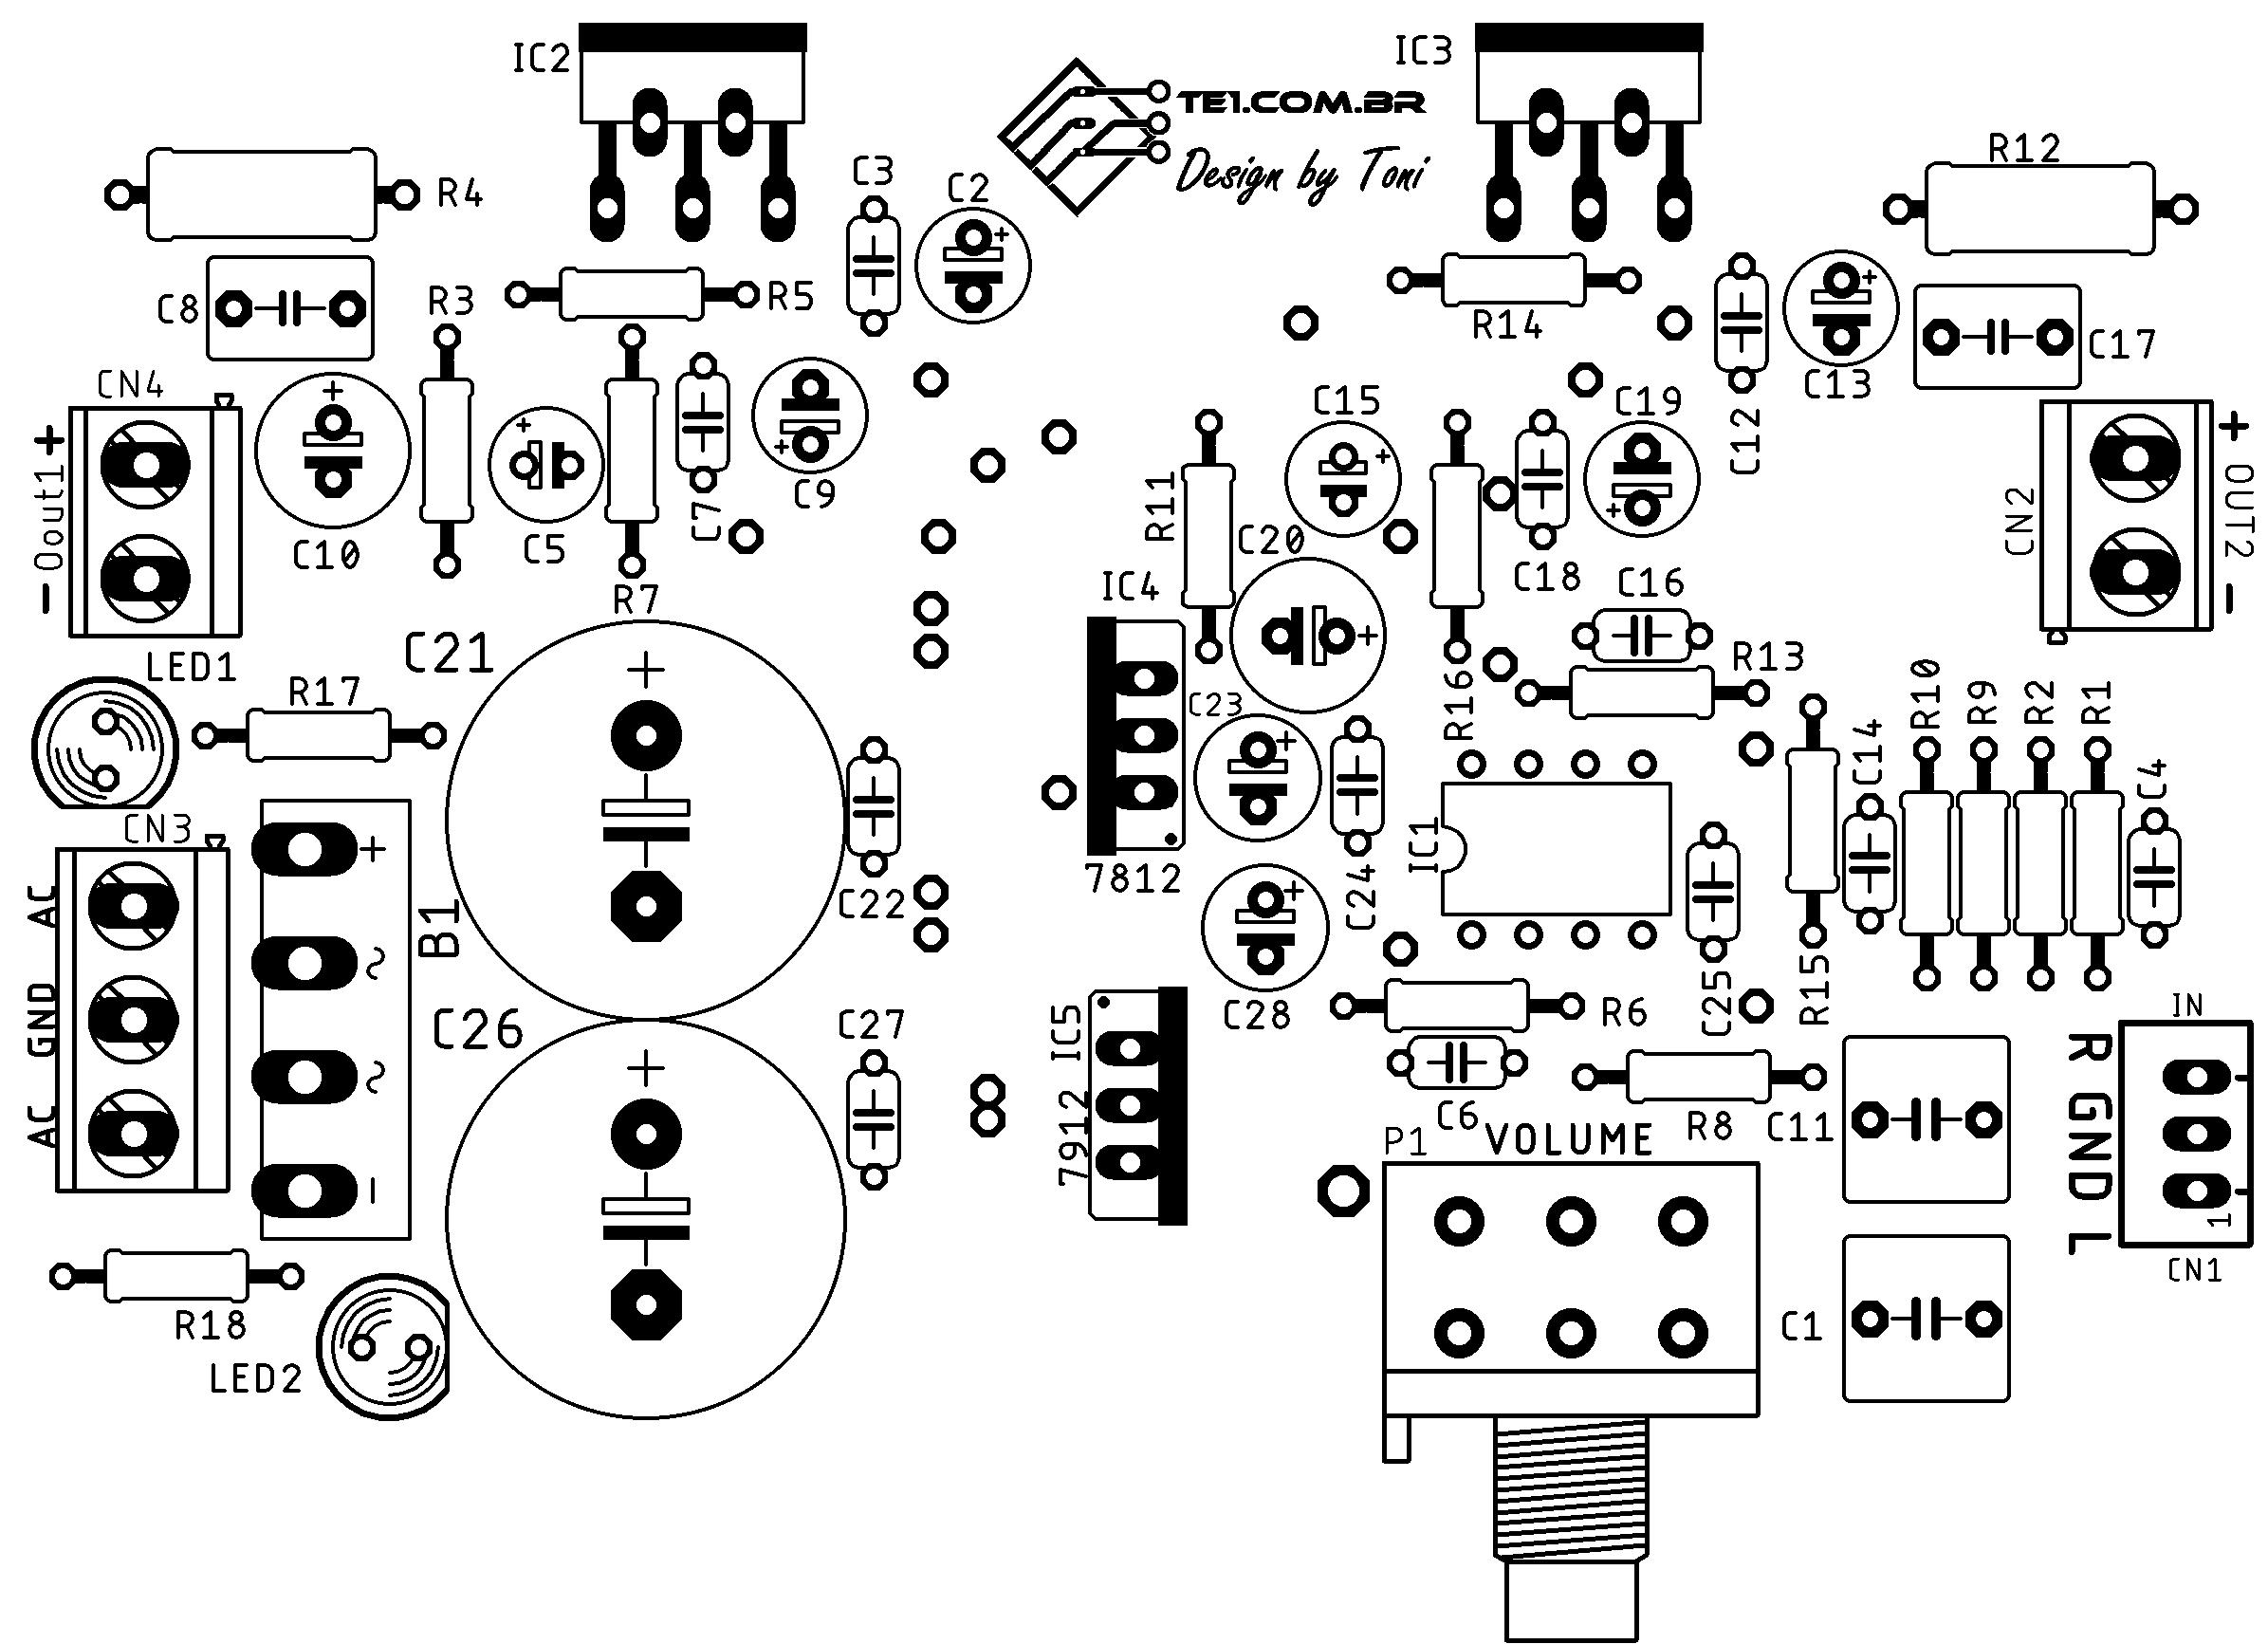 Sugestão de placa de circuito impresso (PCI) para montagem do amplificador estéreo completo com TDA2050